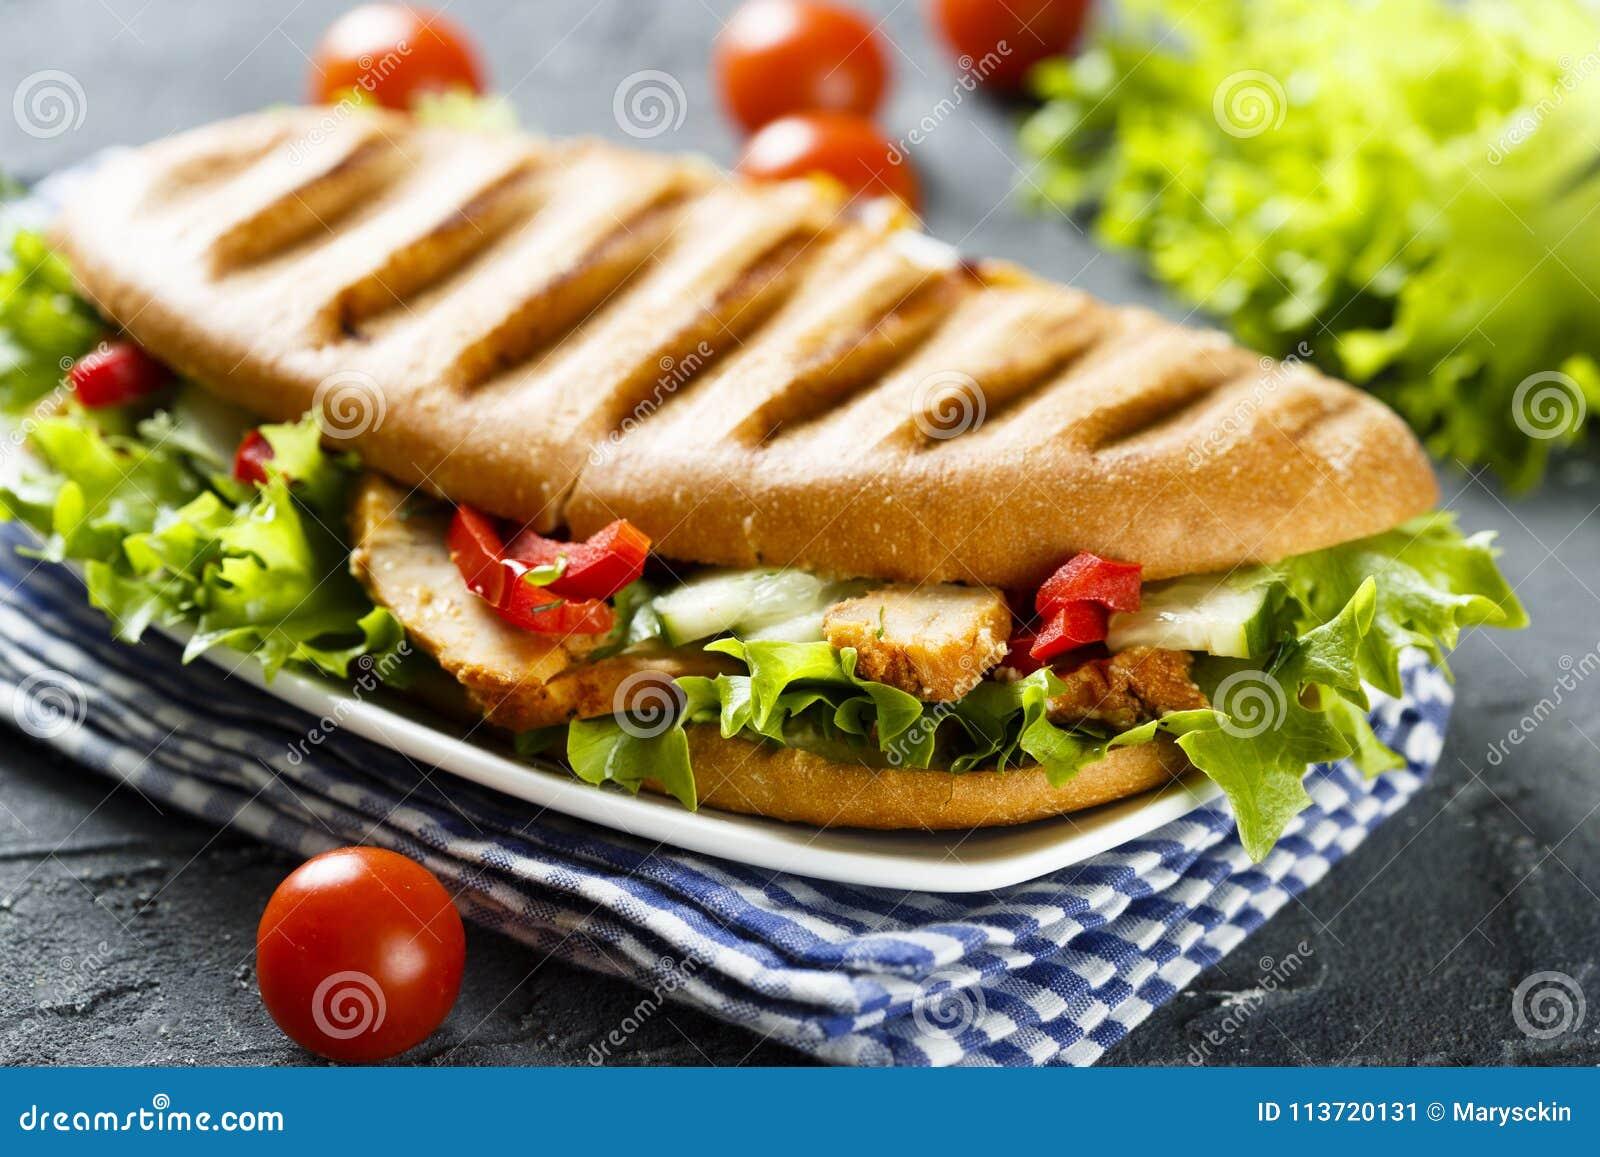 与鸡、蔬菜沙拉和菜的烤三明治